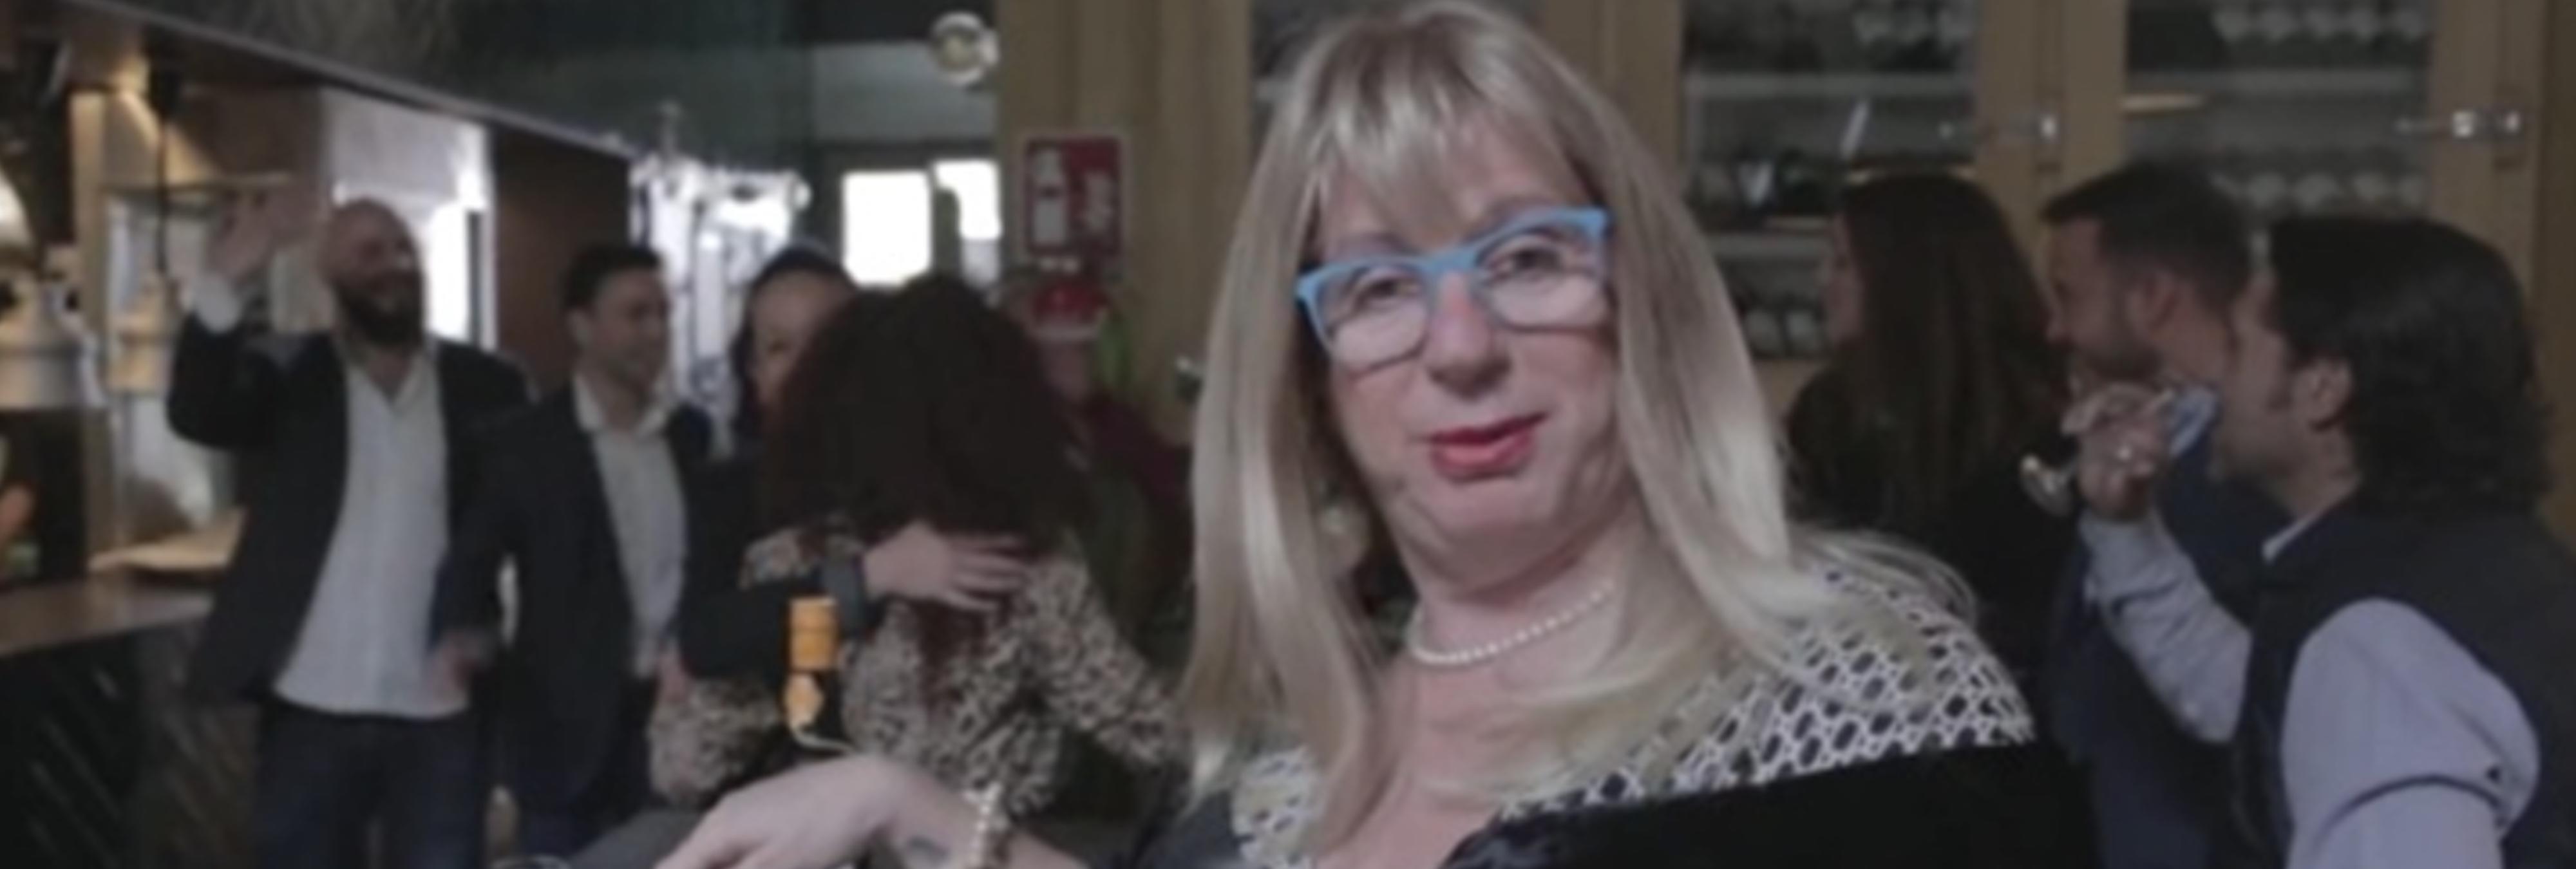 Lo nuevo de Los Morancos: reírse de las cenas de empresa